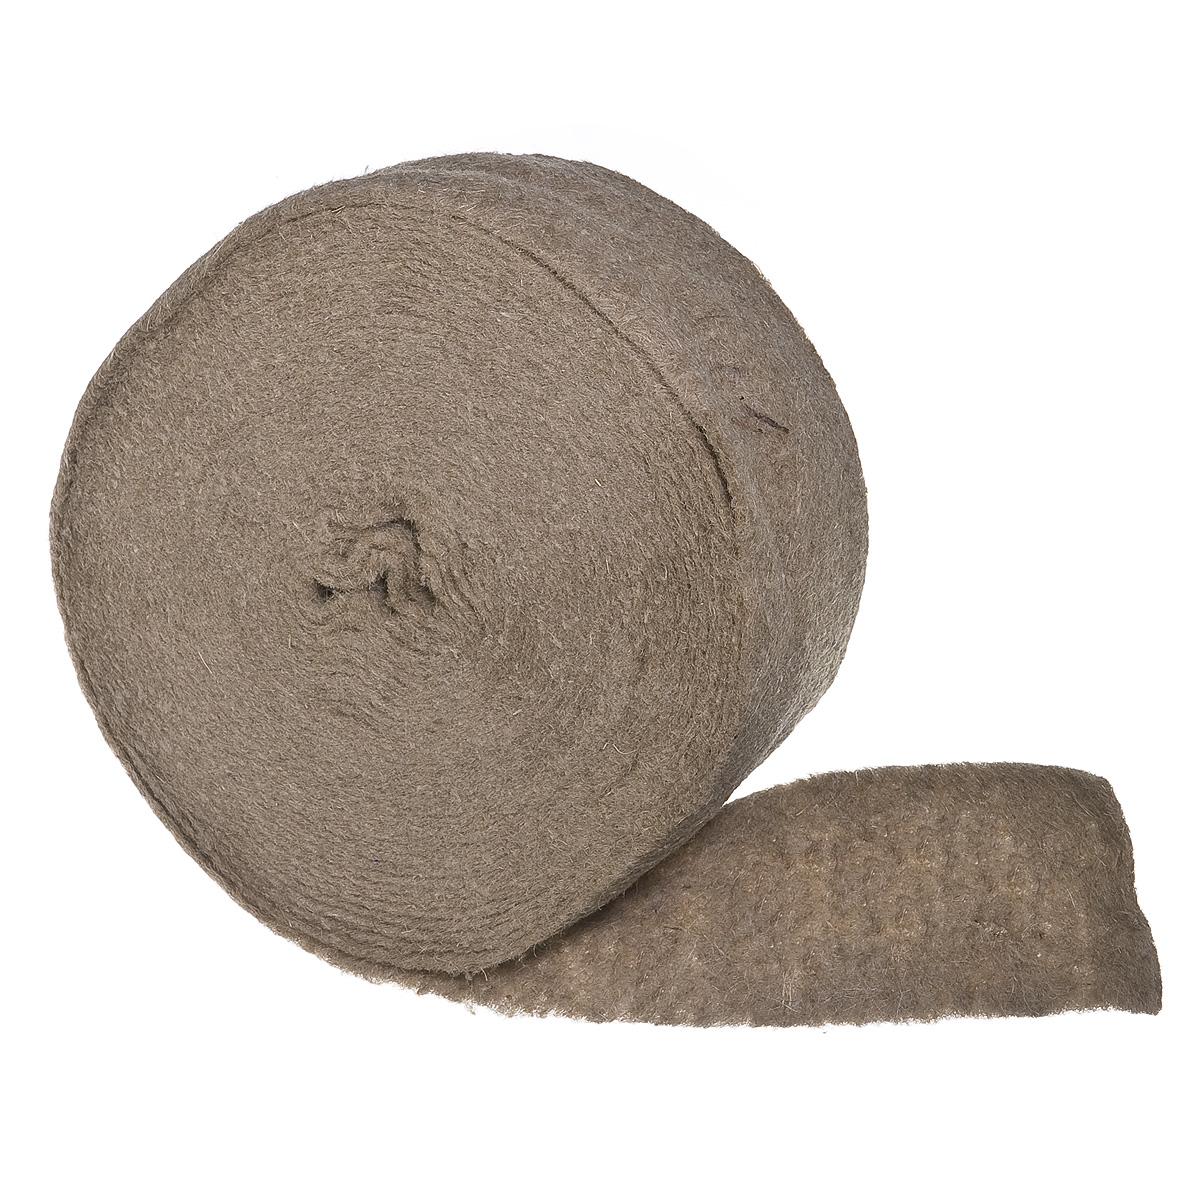 Утеплитель межвенцовый (уплотнитель) джутовый 4-6 мм 0,15х20 м